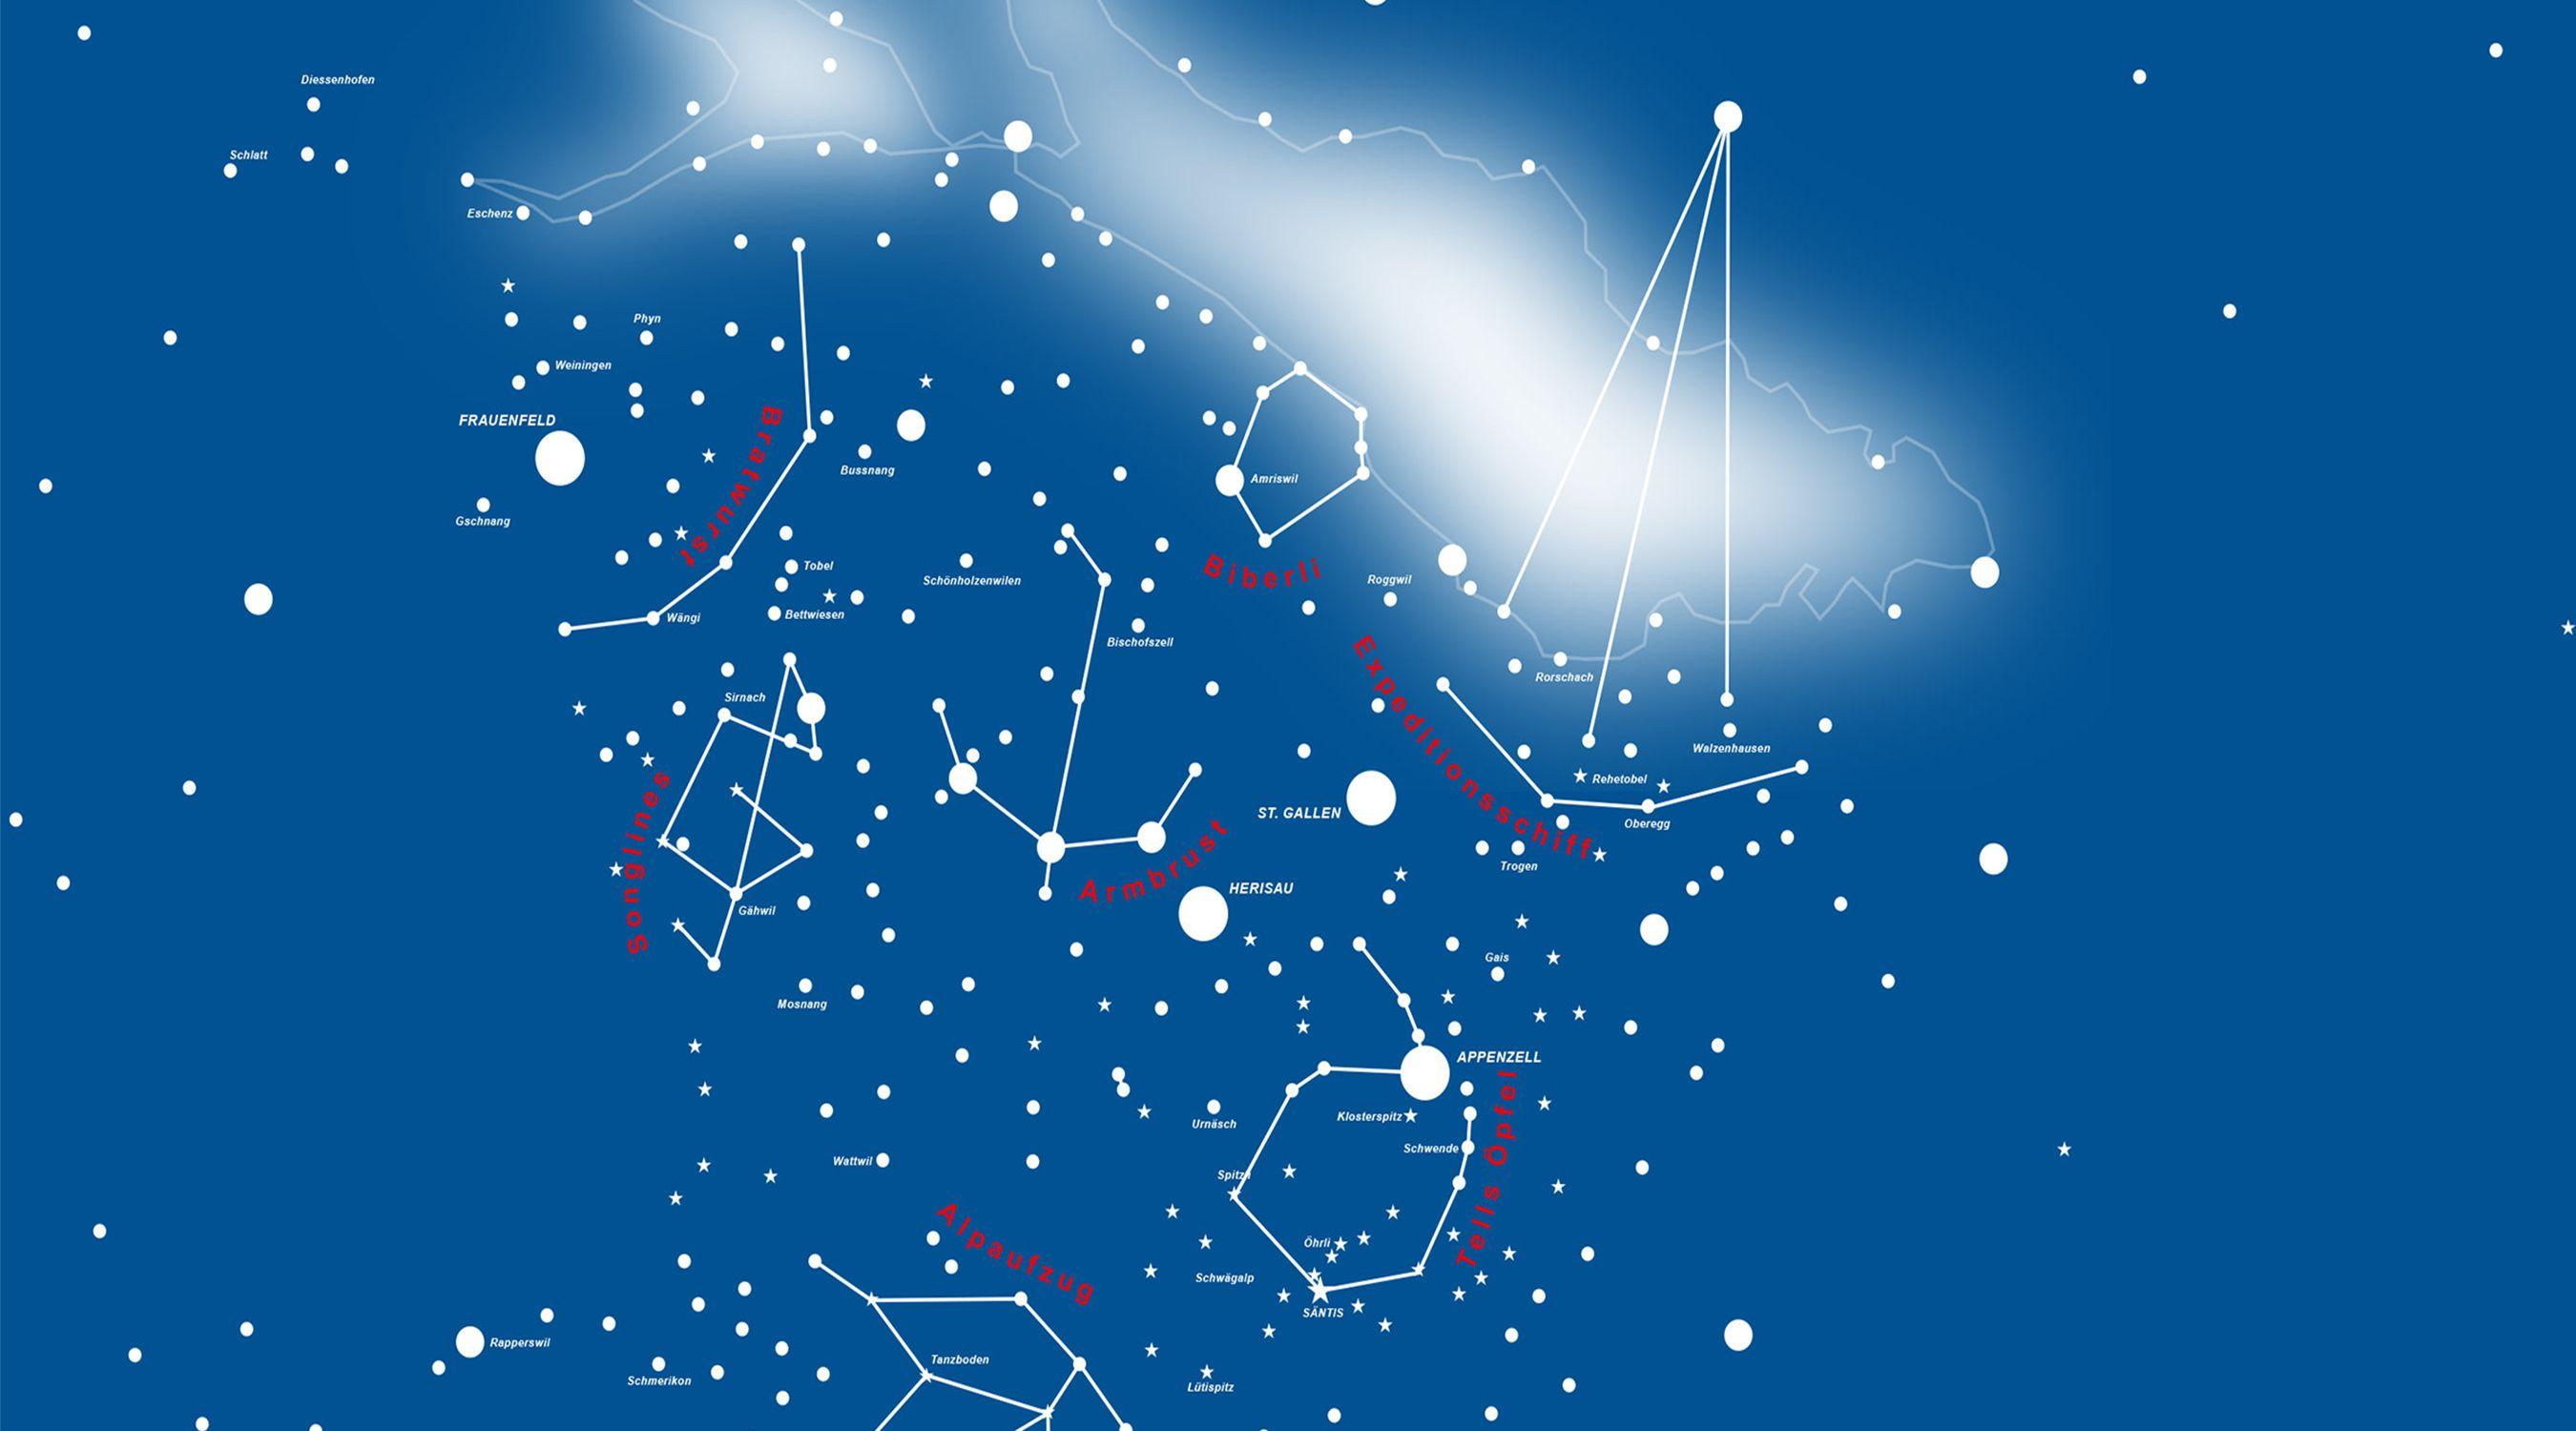 Schweizerische Landesausstellung 2027 Bodensee-Ostschweiz Sternenbild